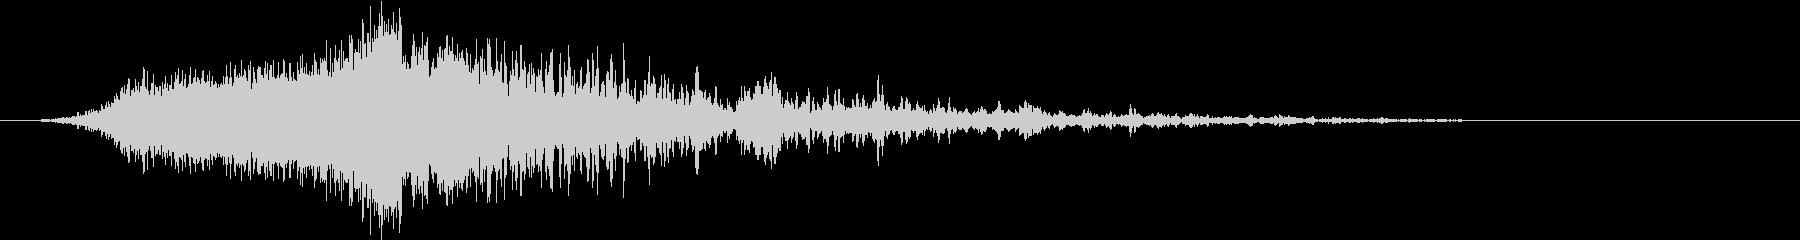 バーン:ハイブリット音:オープニング3の未再生の波形